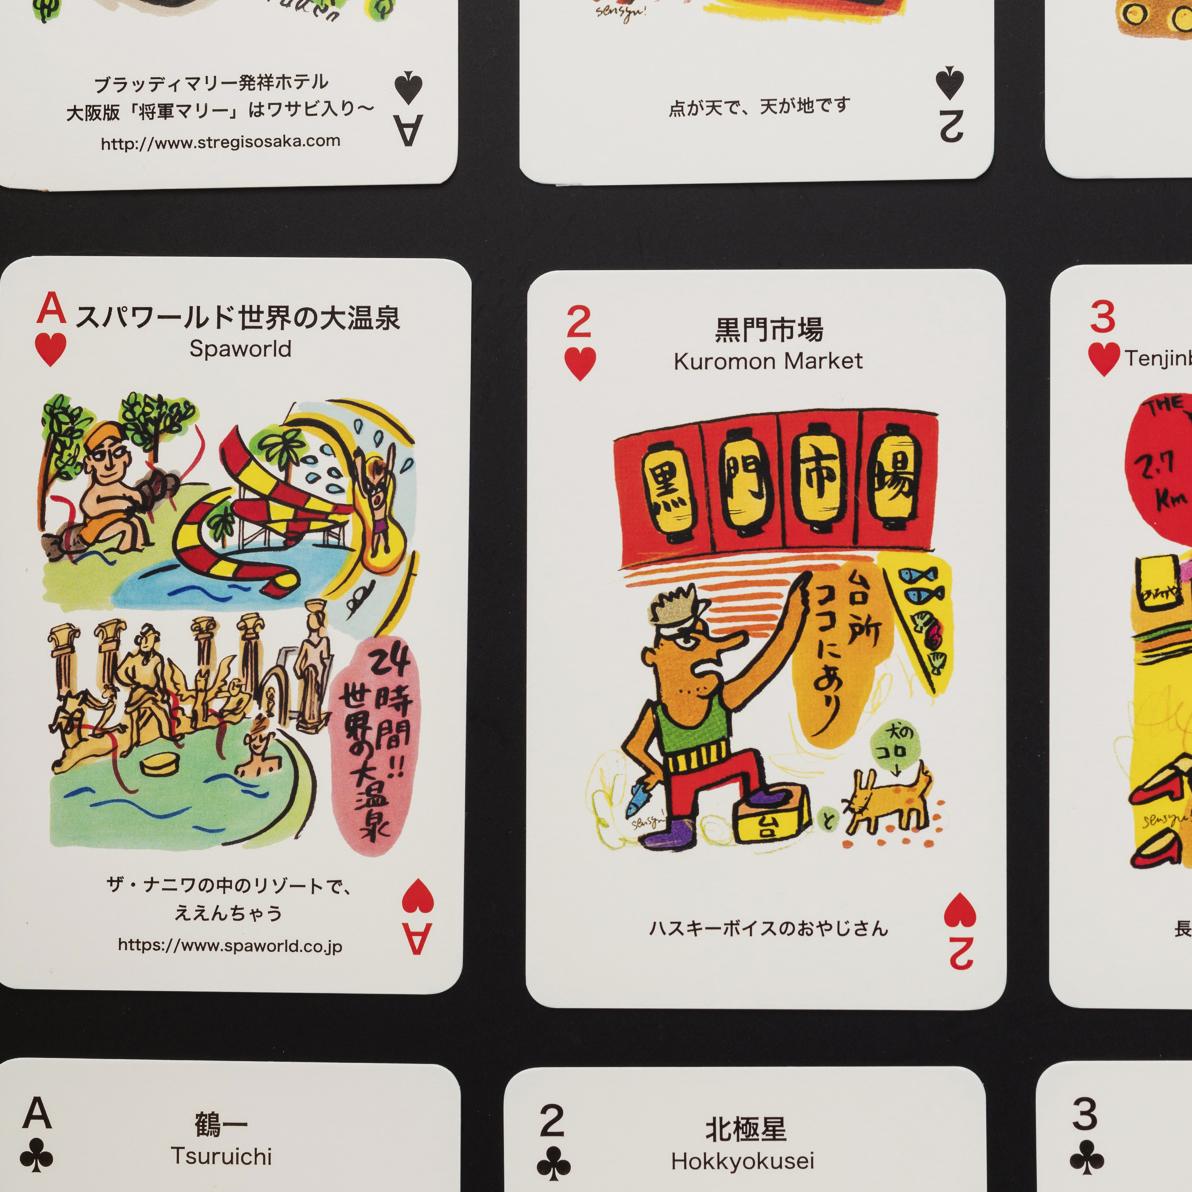 大阪トランプ(限定版)